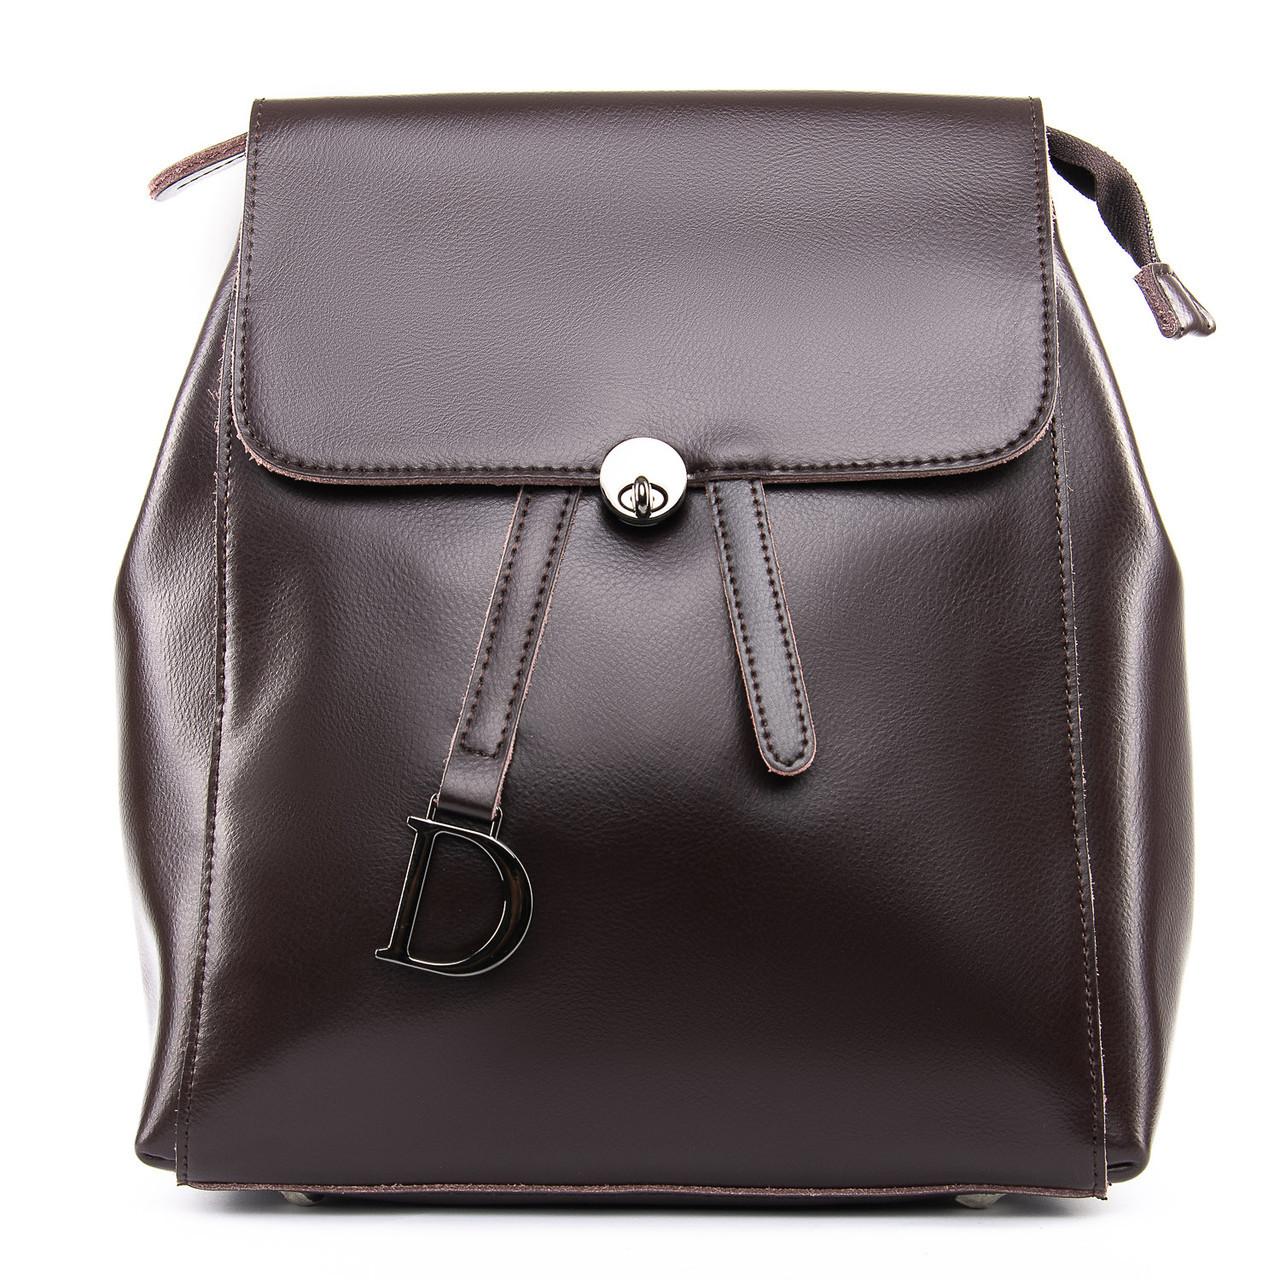 Сумка Женская Рюкзак кожа ALEX RAI 09-3 360 brown